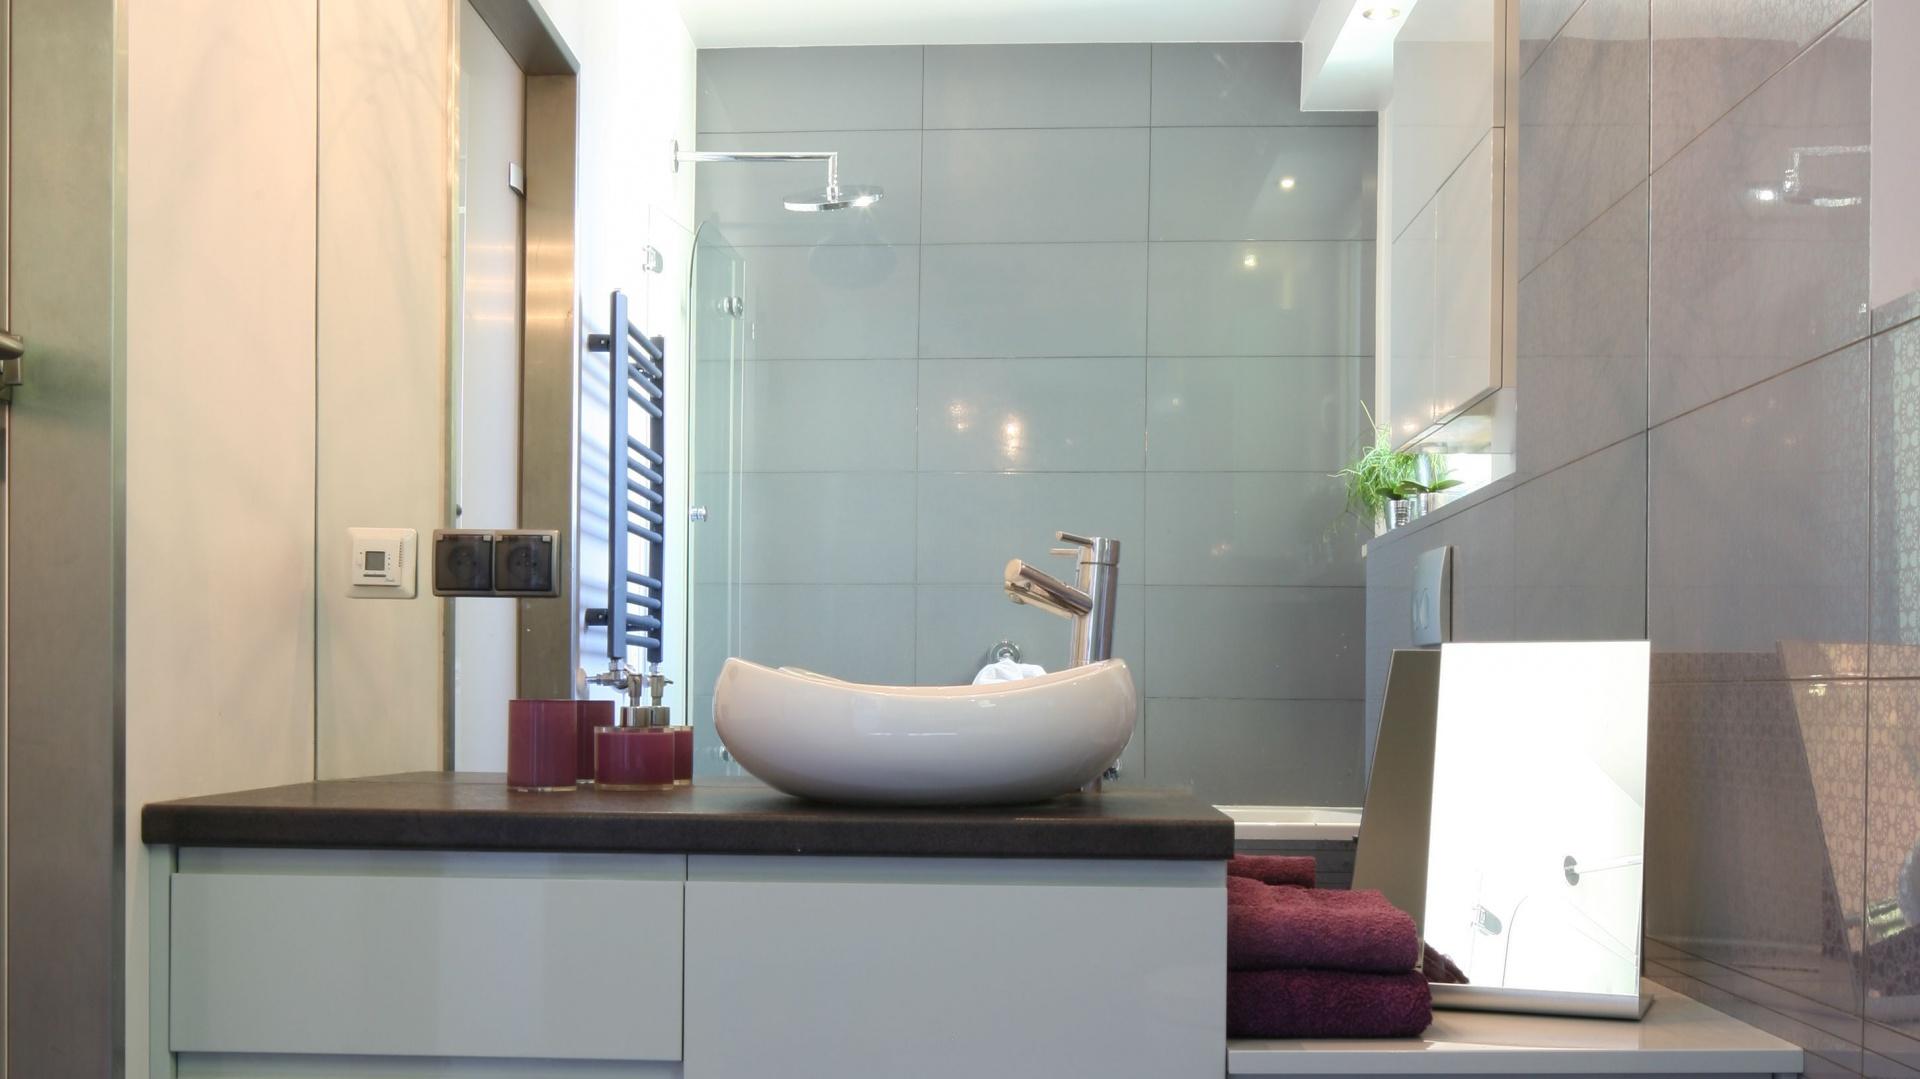 Duże lustro w strefie umywalki oraz płytki ceramiczne w połysku optycznie powiększają kobiecą łazienkę. Fot. Bartosz Jarosz.